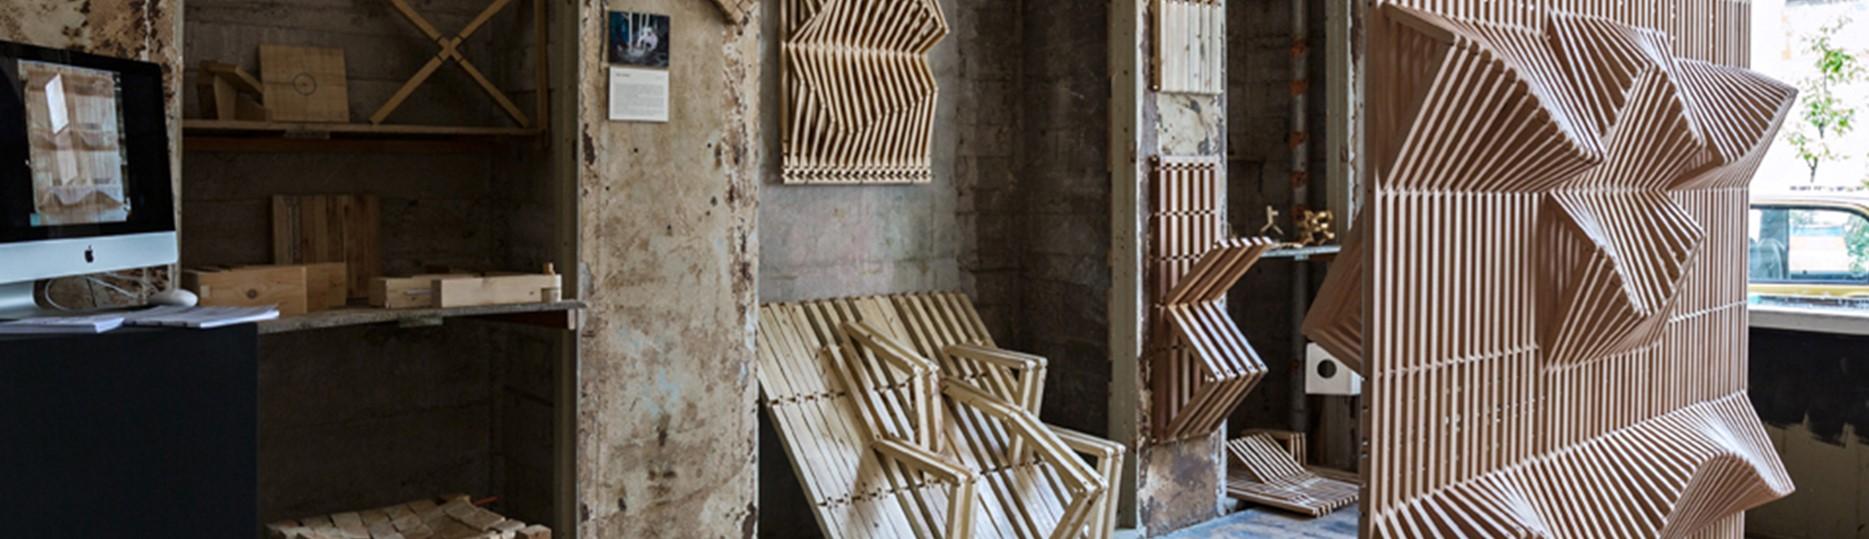 Interior Architecture Research And Design